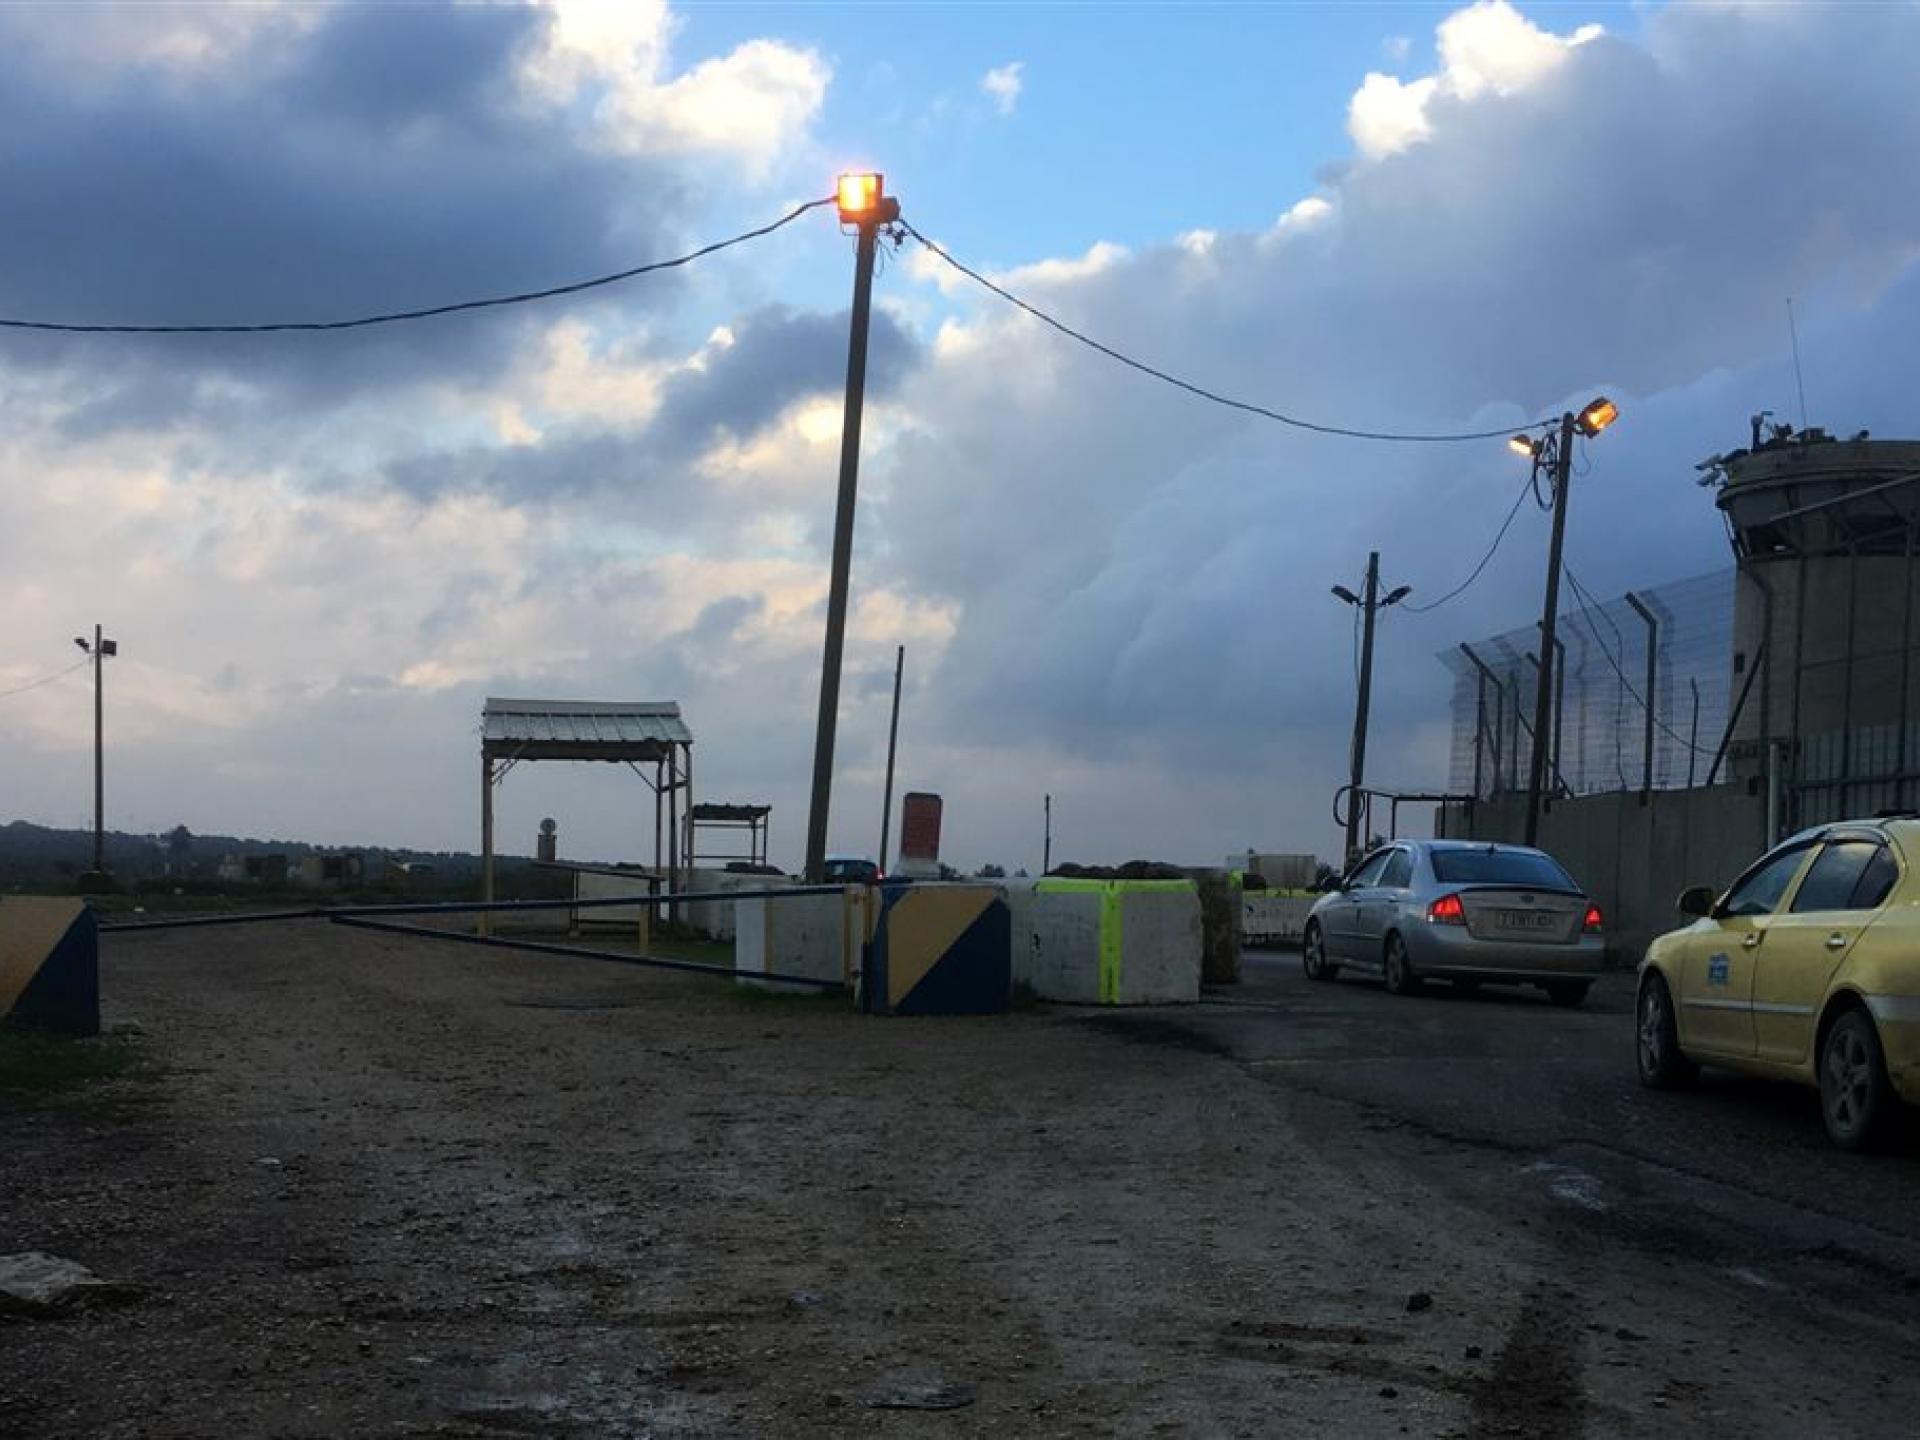 זרוע חוסמת חדשה בדרך הצדדית במחסום יעבד